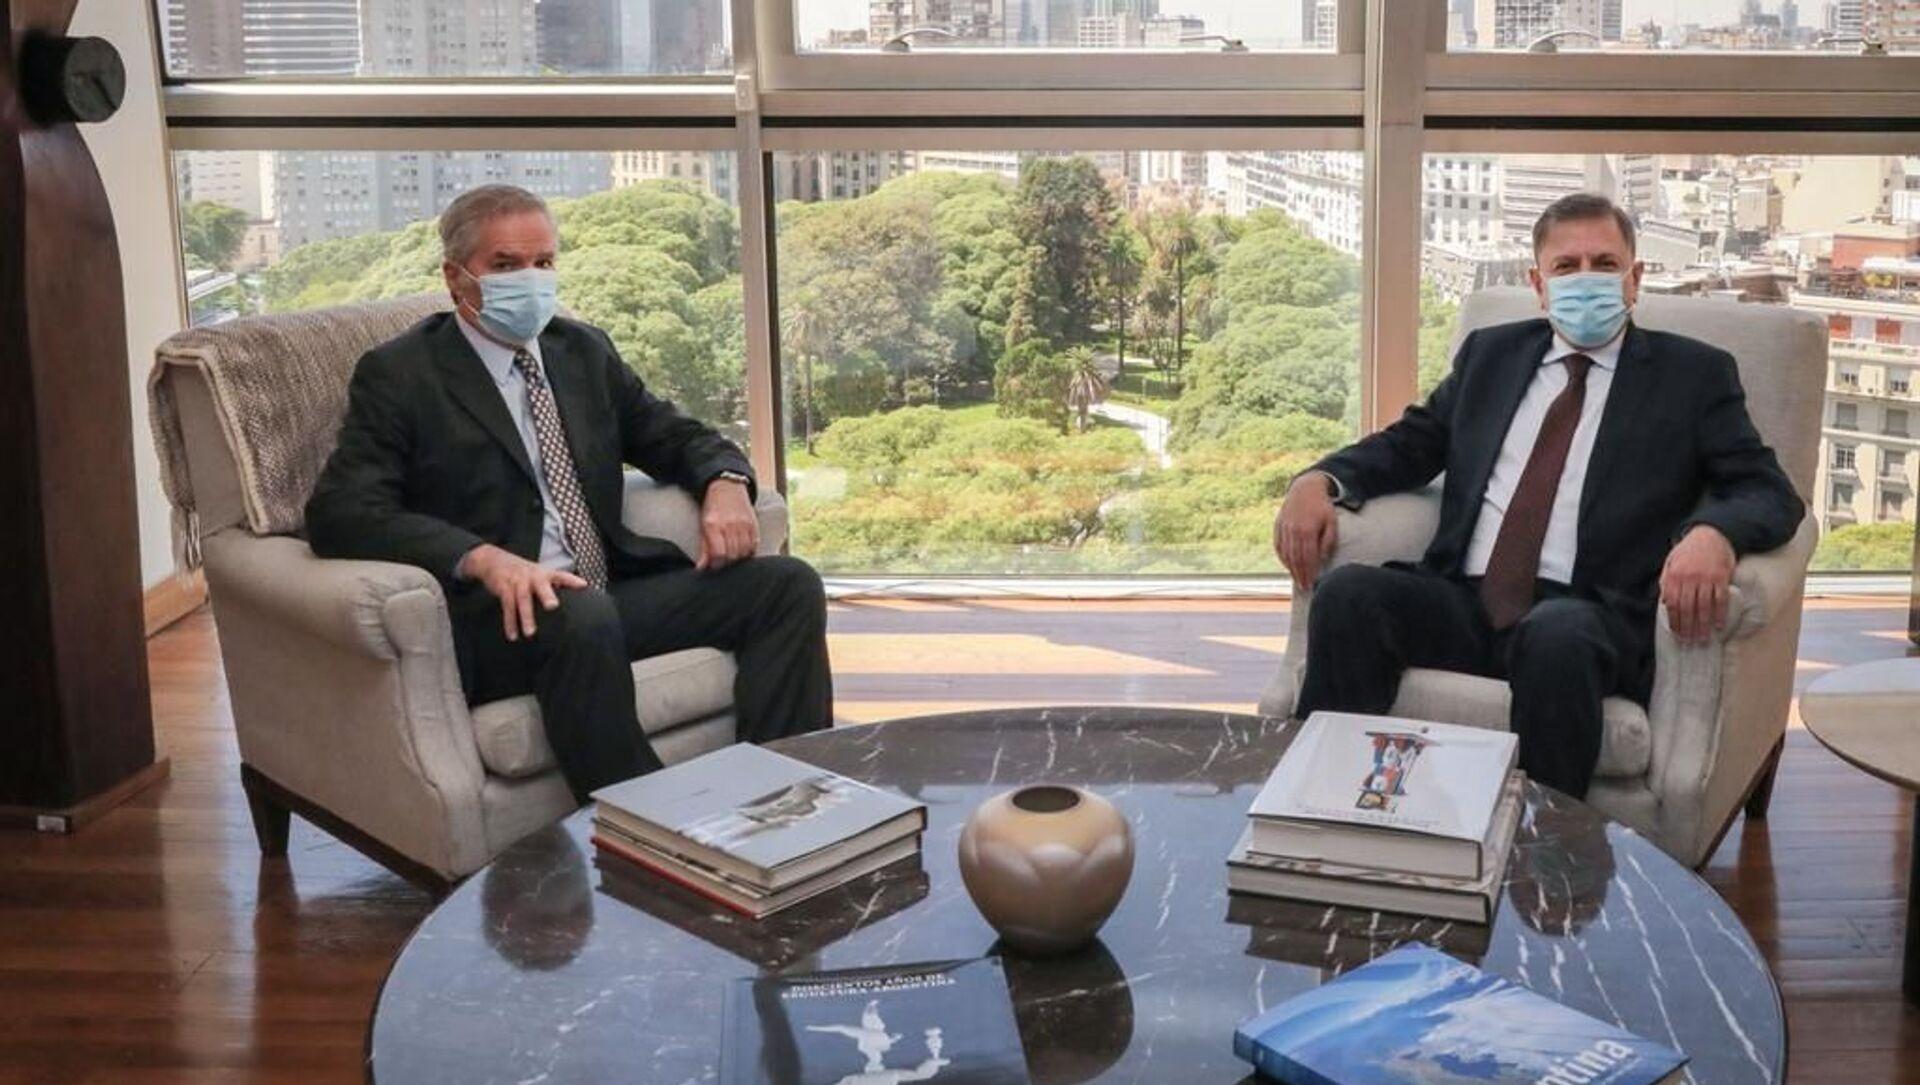 El nuevo embajador argentino en Moscú, Eduardo Zuain, (derecha) acompañado del canciller Felipe Solá (izquierda) - Sputnik Mundo, 1920, 11.02.2021